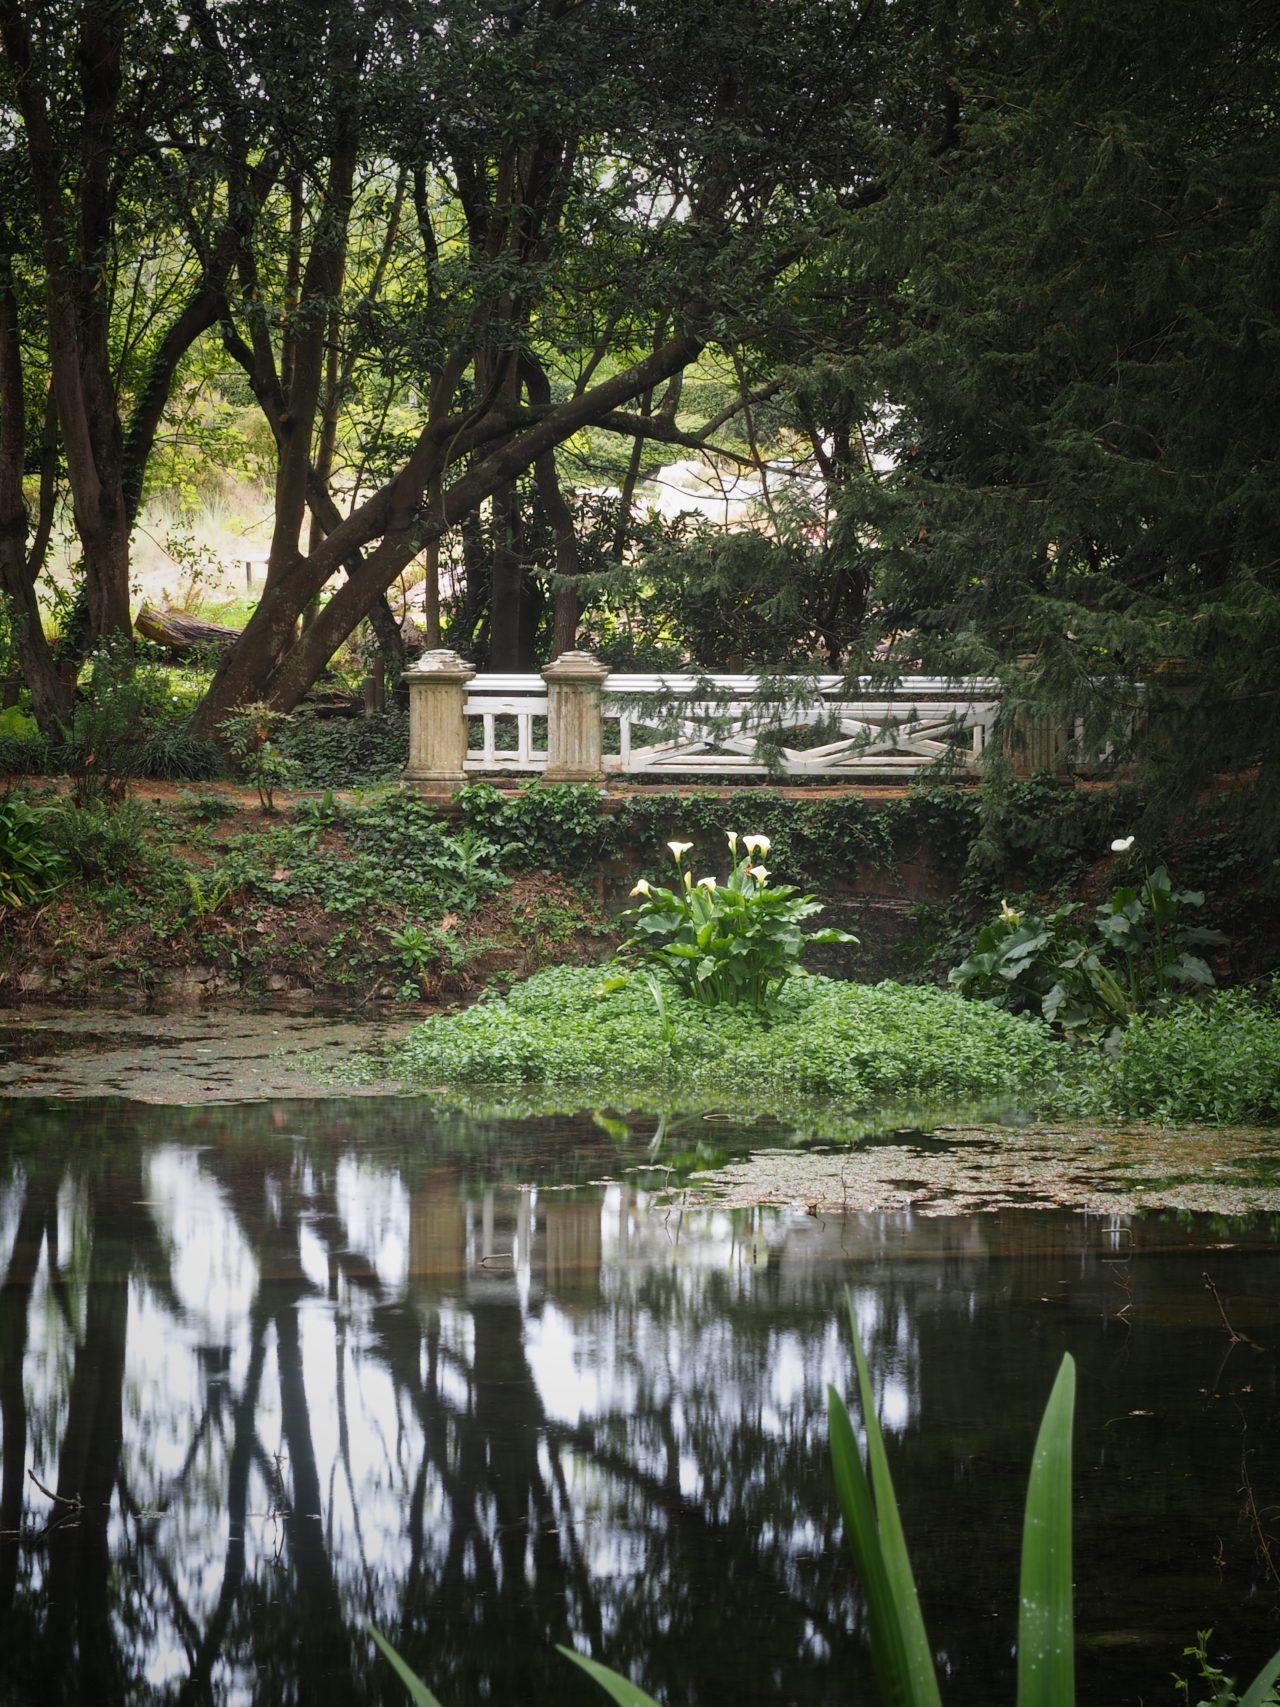 Jardín Botánico Gijón A. Damián Fernández